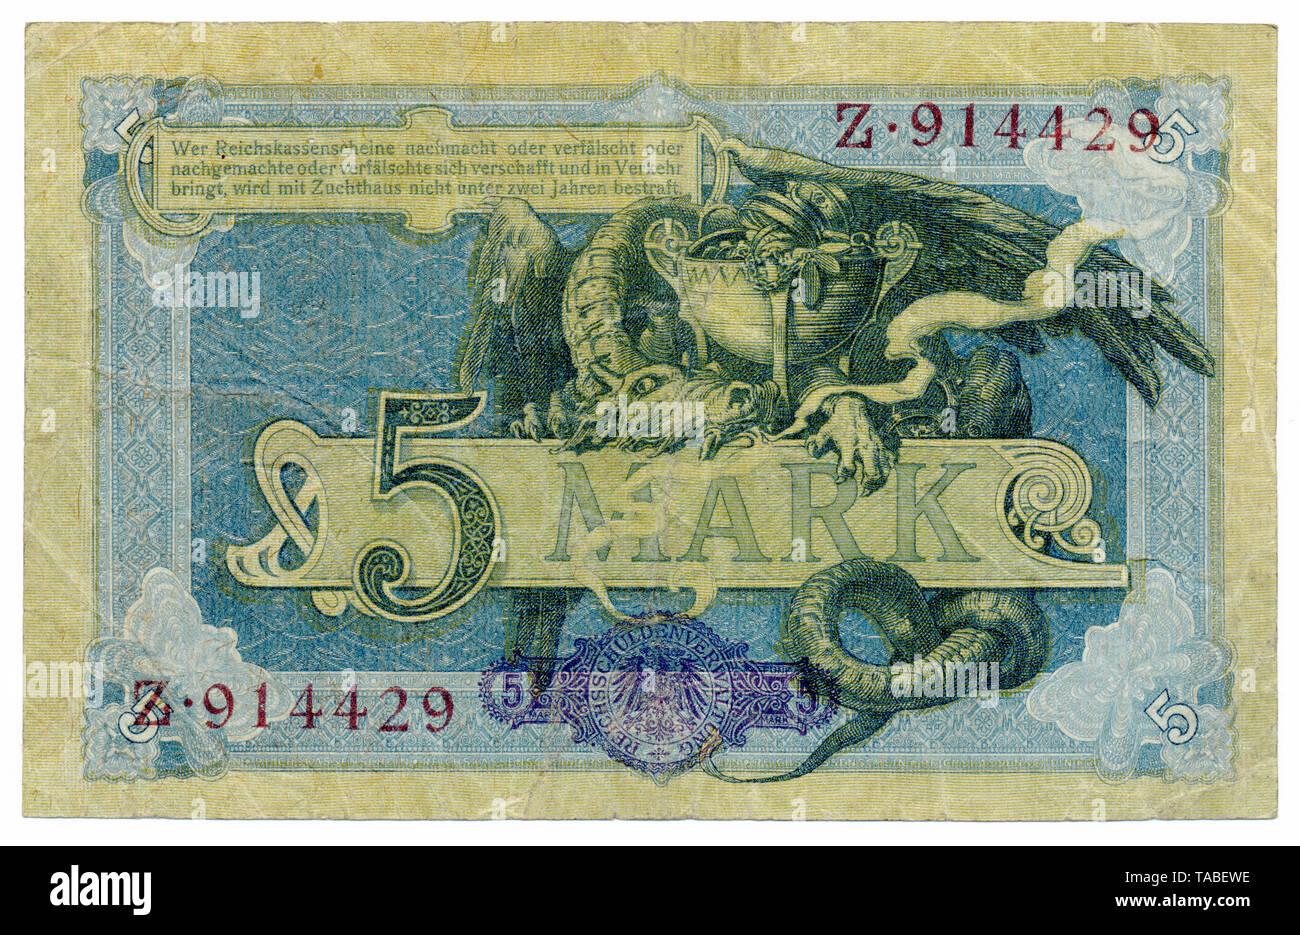 Rückseite der Reichsbank Banknote, Rückseite, Reichskassenschein, Reichsbanknote, 5 Mark, 1904, Deutschland, Europa Stockbild